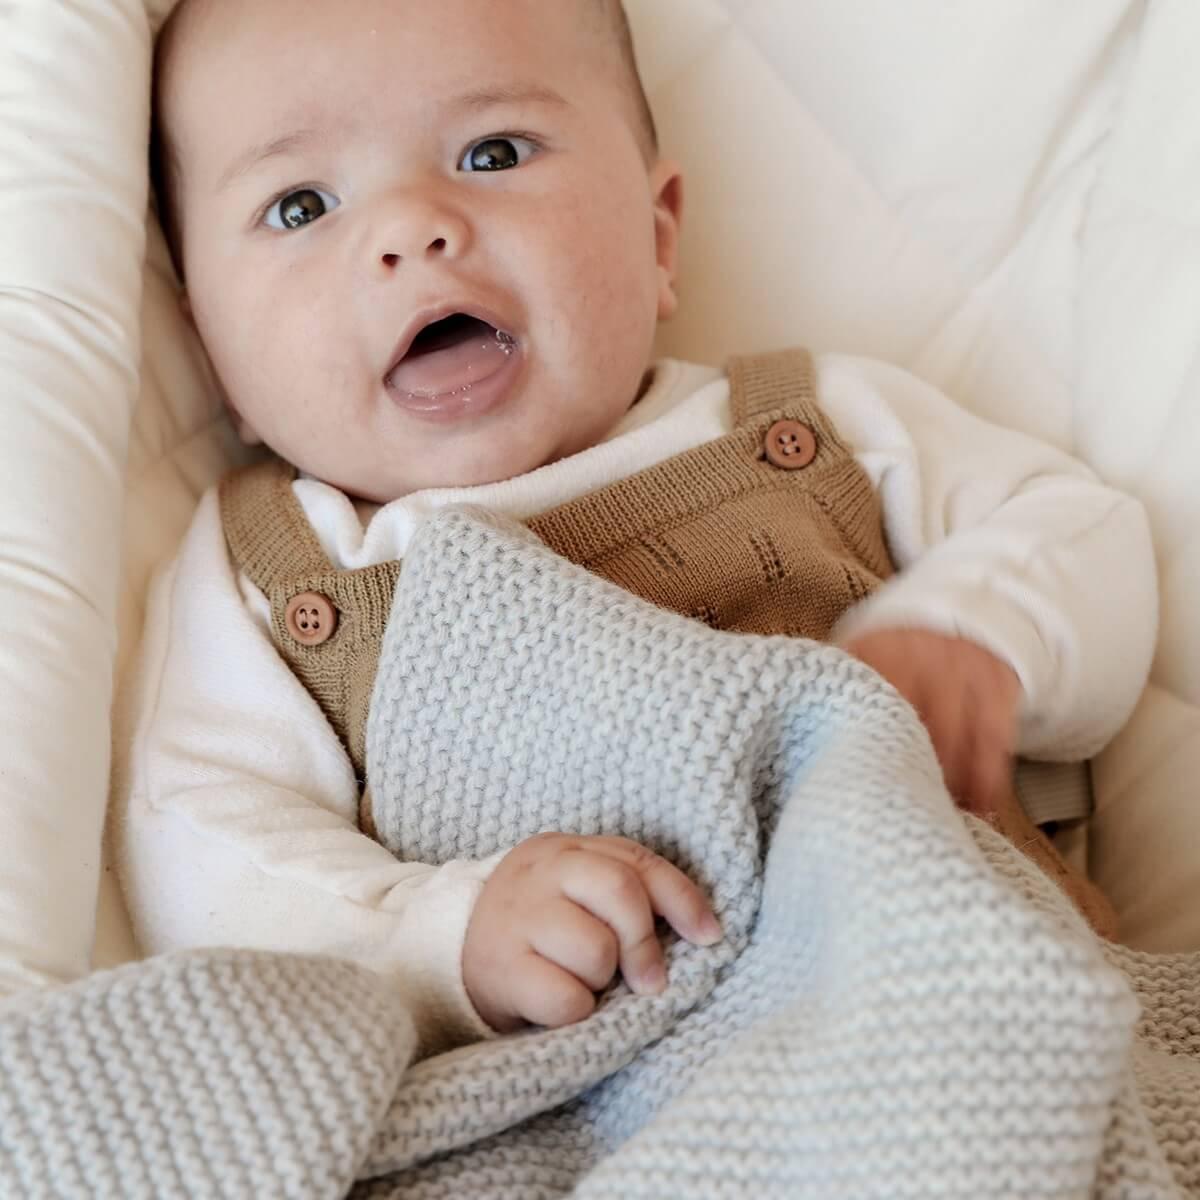 shop Baby blanket - Knit blanket